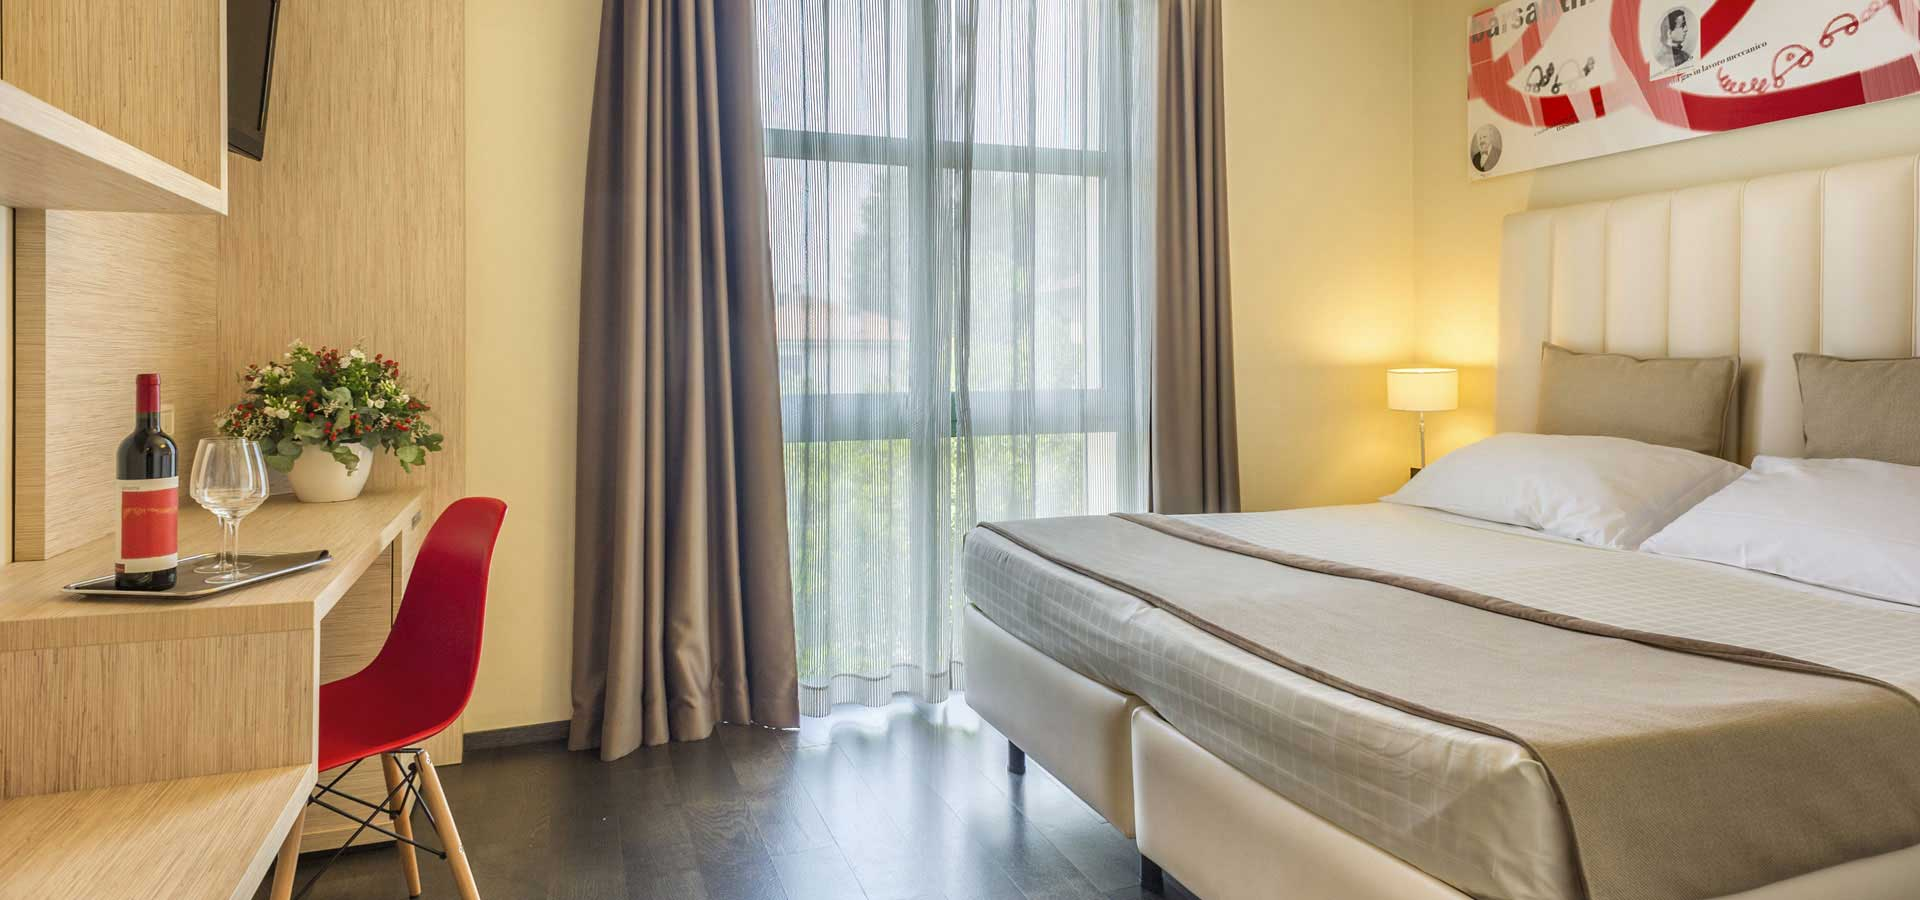 hotel 3 stelle Lucca vicino al centro